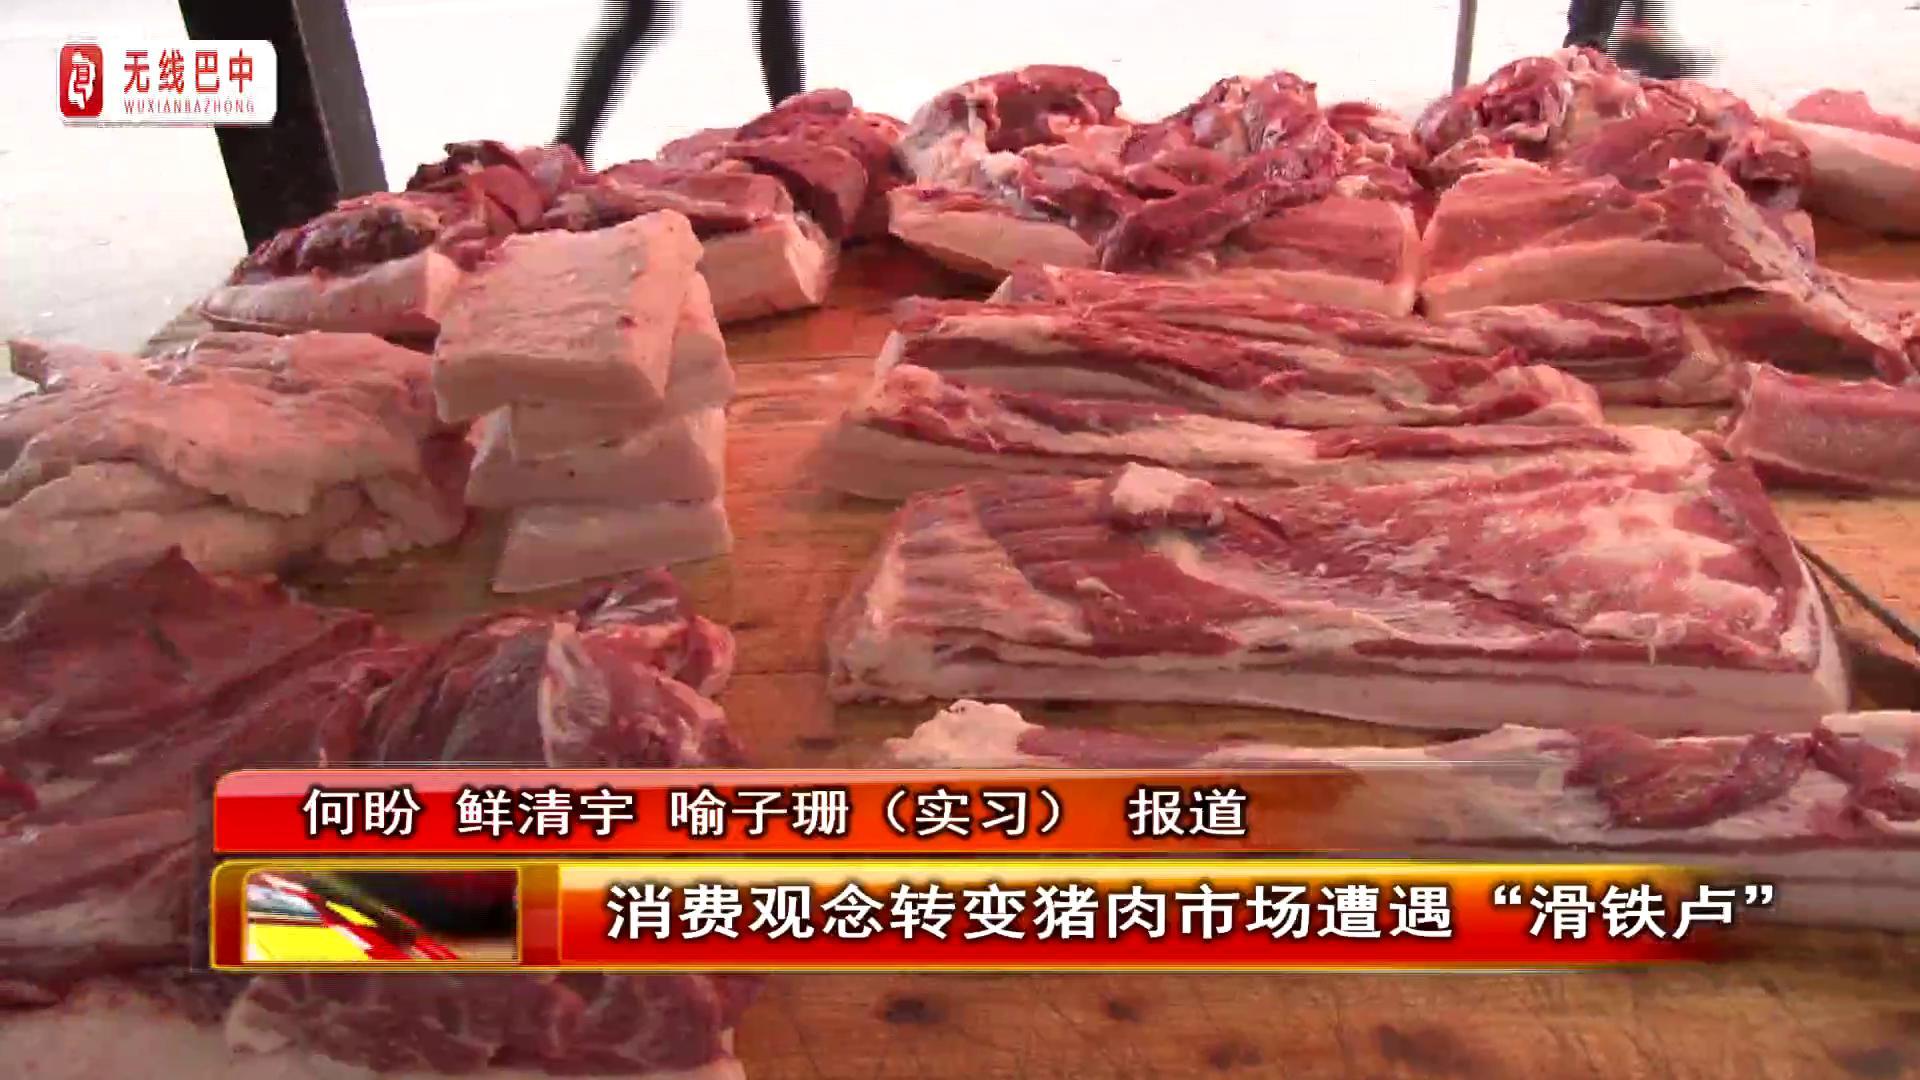 """消费观念转变猪肉市场遭遇""""滑铁卢"""""""